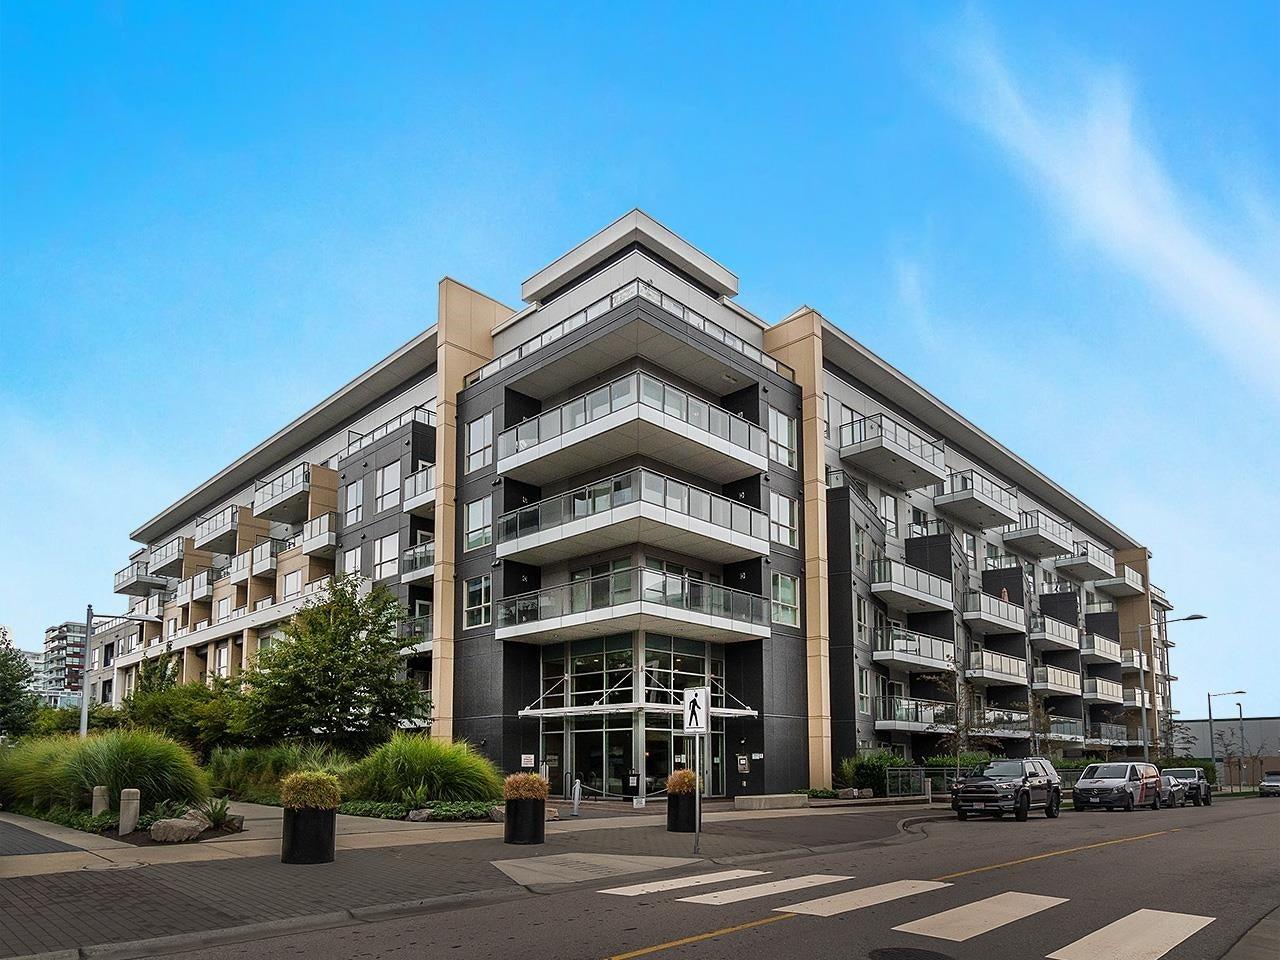 133 5311 CEDARBRIDGE WAY - Brighouse Apartment/Condo for sale, 2 Bedrooms (R2624013)